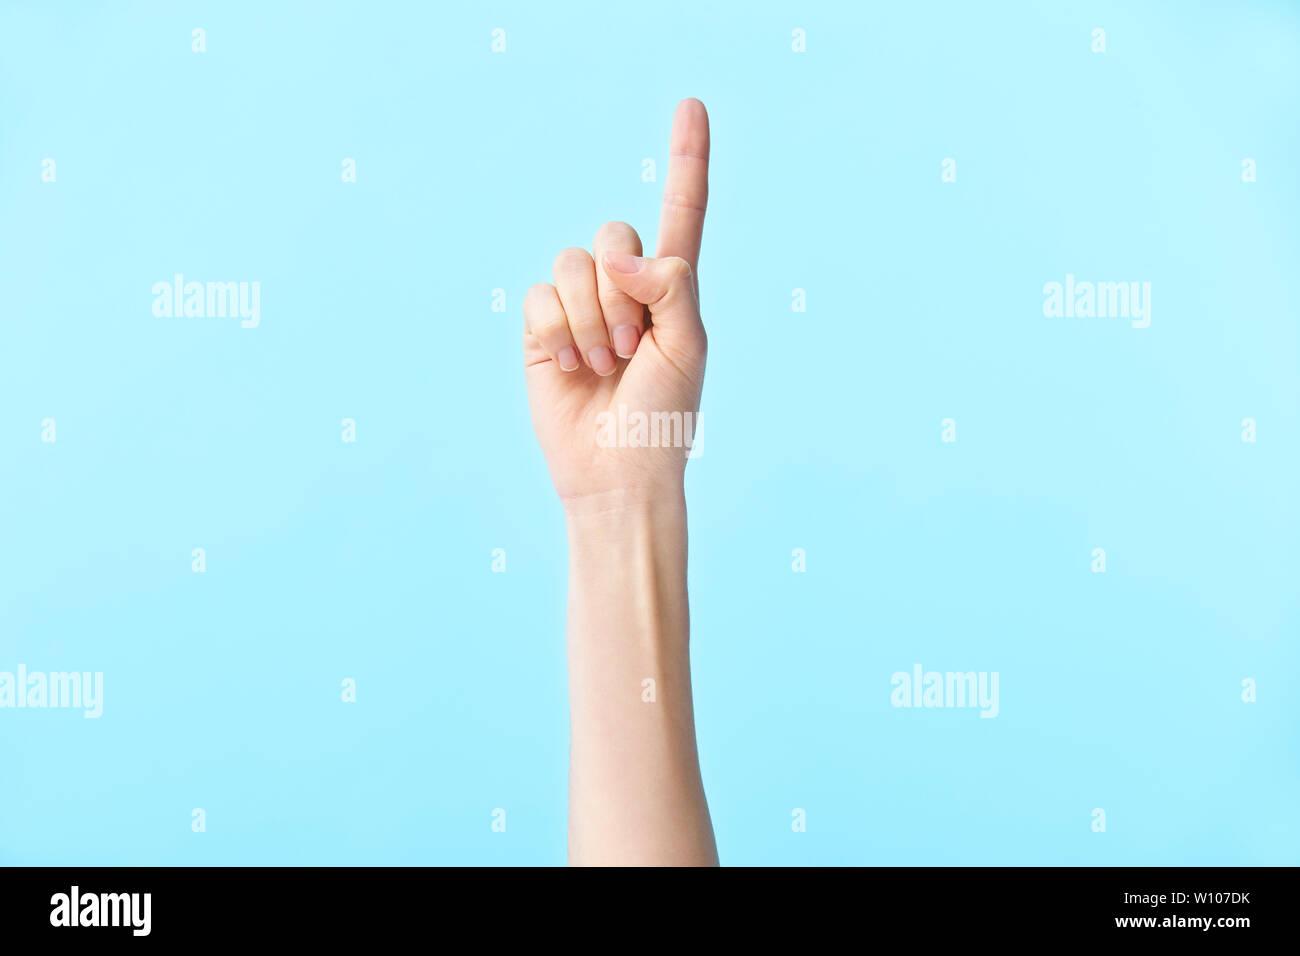 La mano humana mostrando número uno, aislado sobre fondo azul. Imagen De Stock